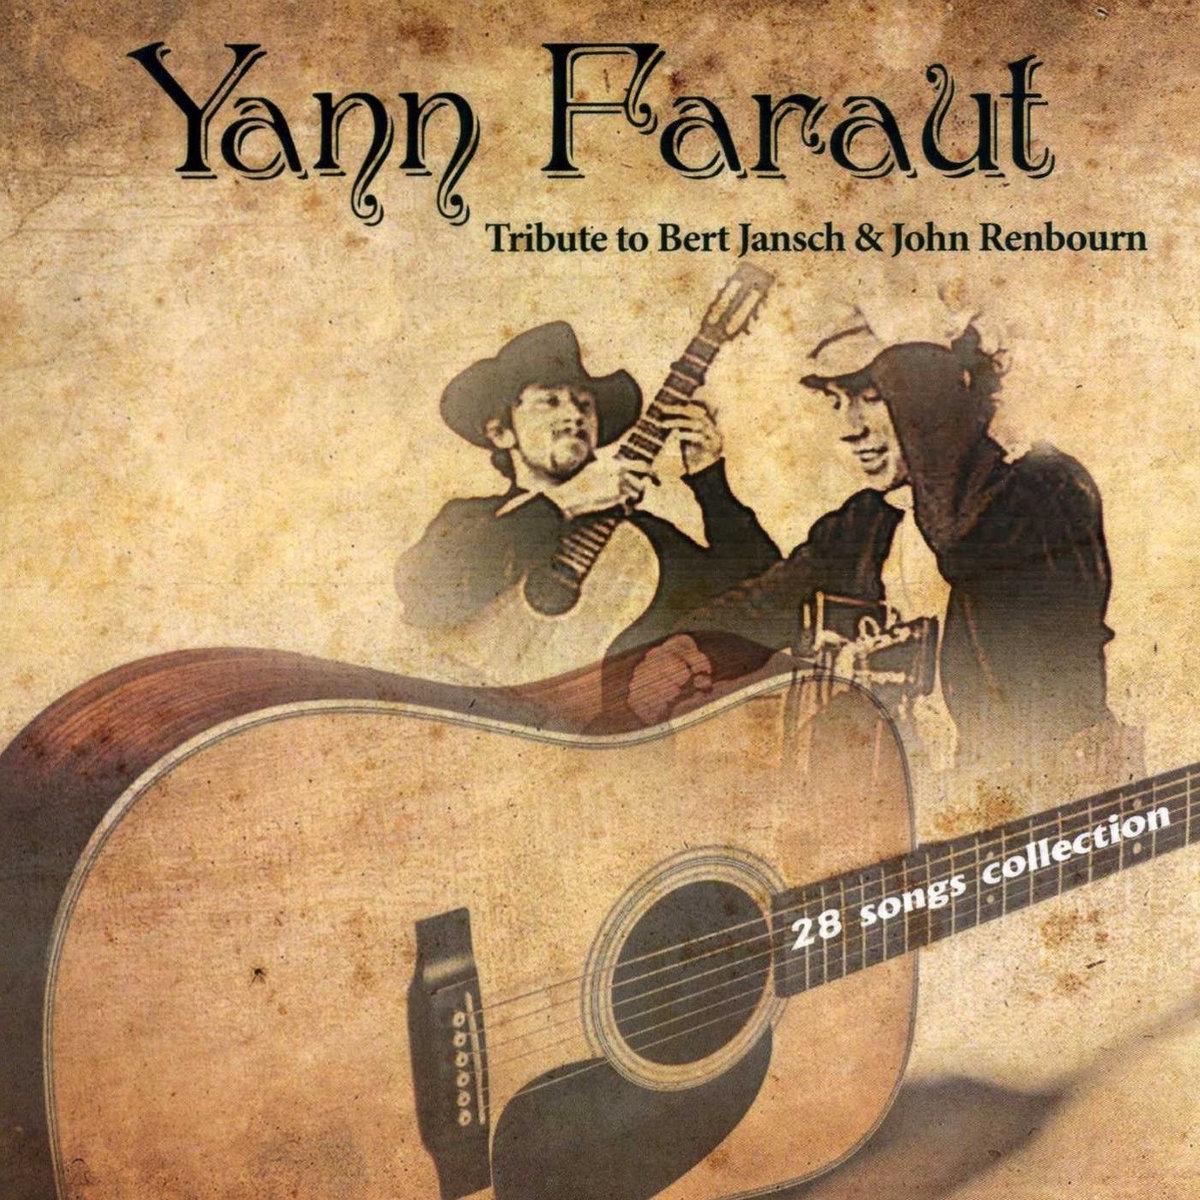 """Résultat de recherche d'images pour """"yann faraut cd"""""""